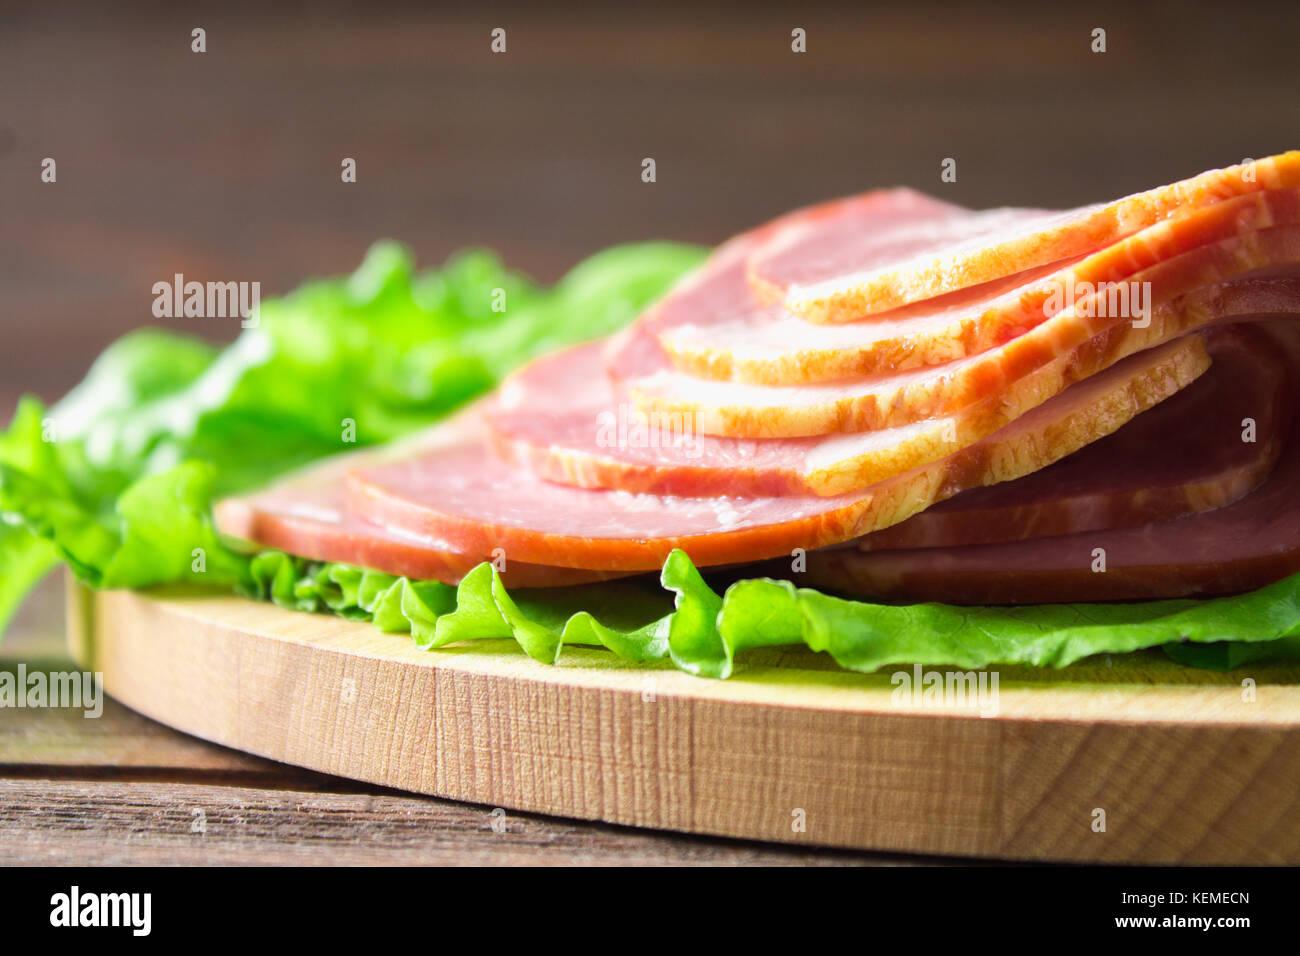 Lonchas de jamón con frescas hojas de lechuga verdes en una junta de corte redondo. productos cárnicos Imagen De Stock